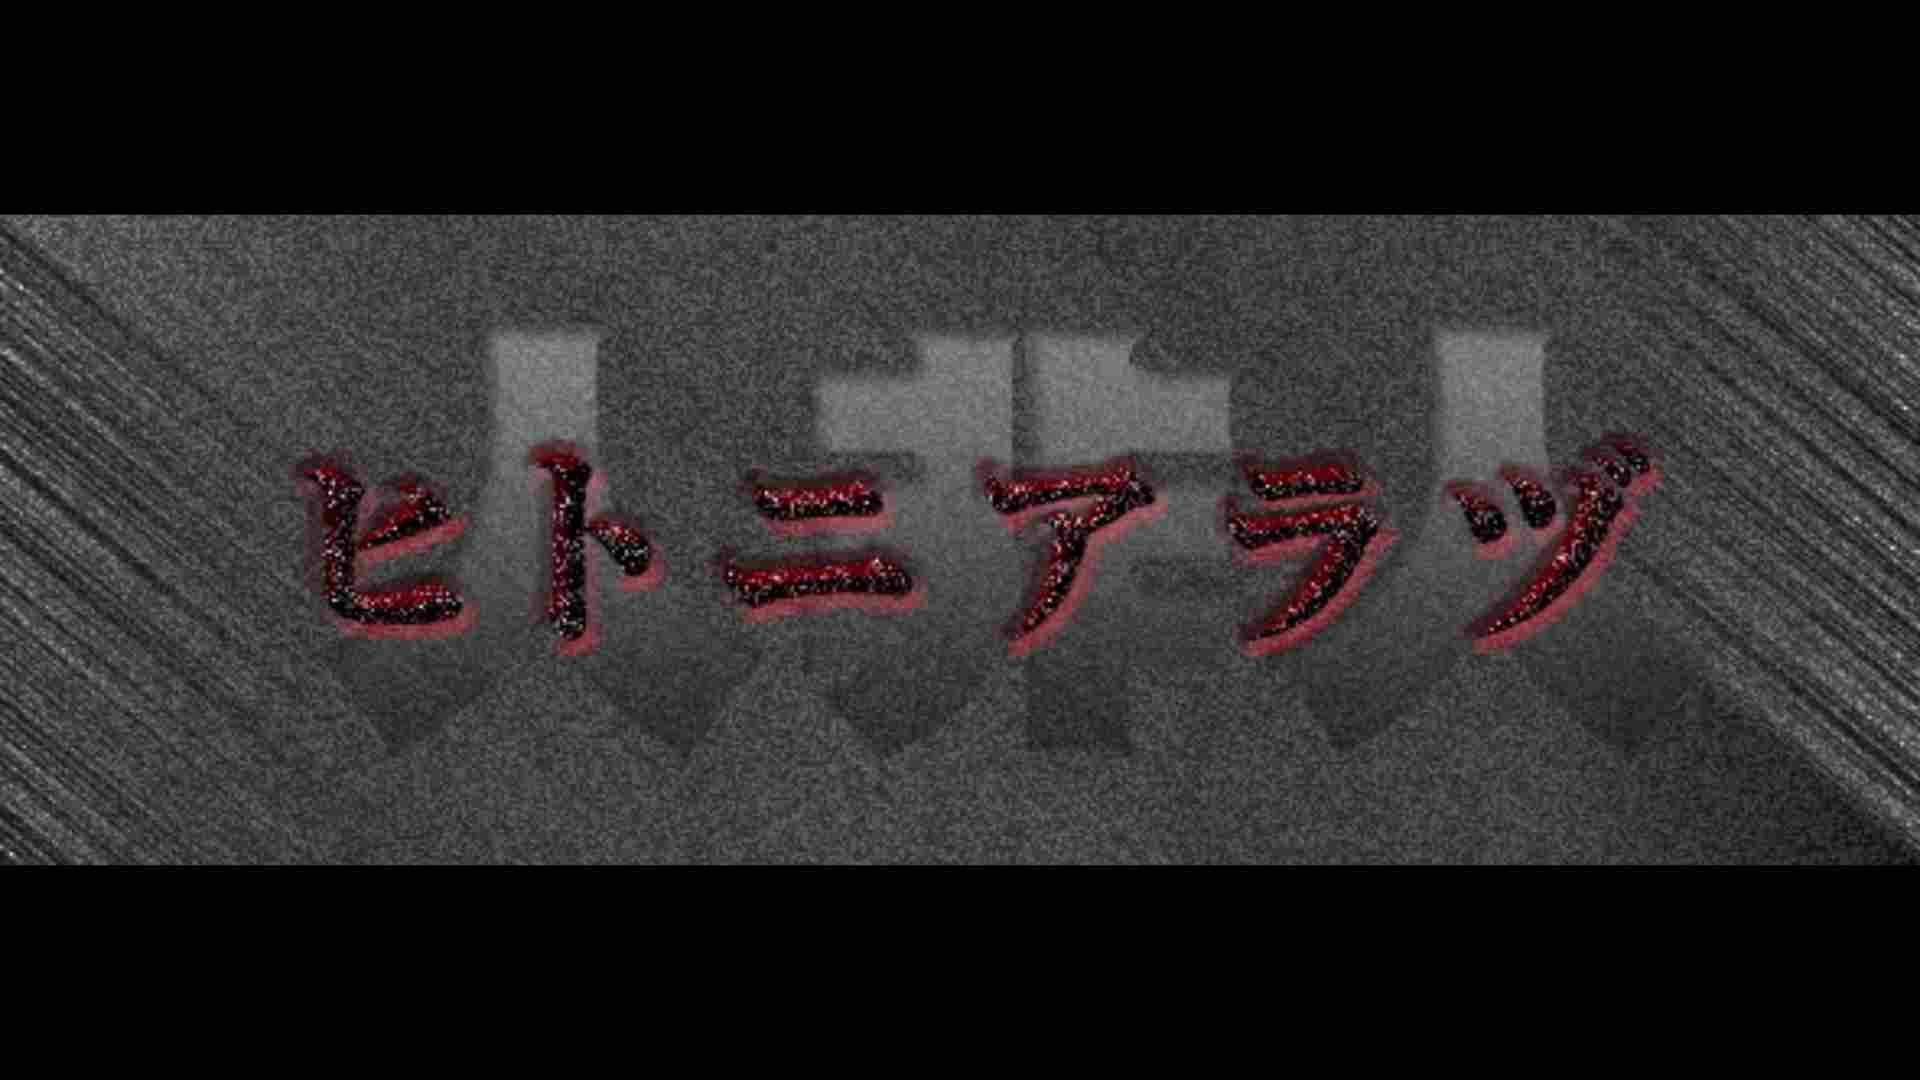 ヒトニアラヅNo.02 姿と全体の流れを公開 ギャル  60PIX 15